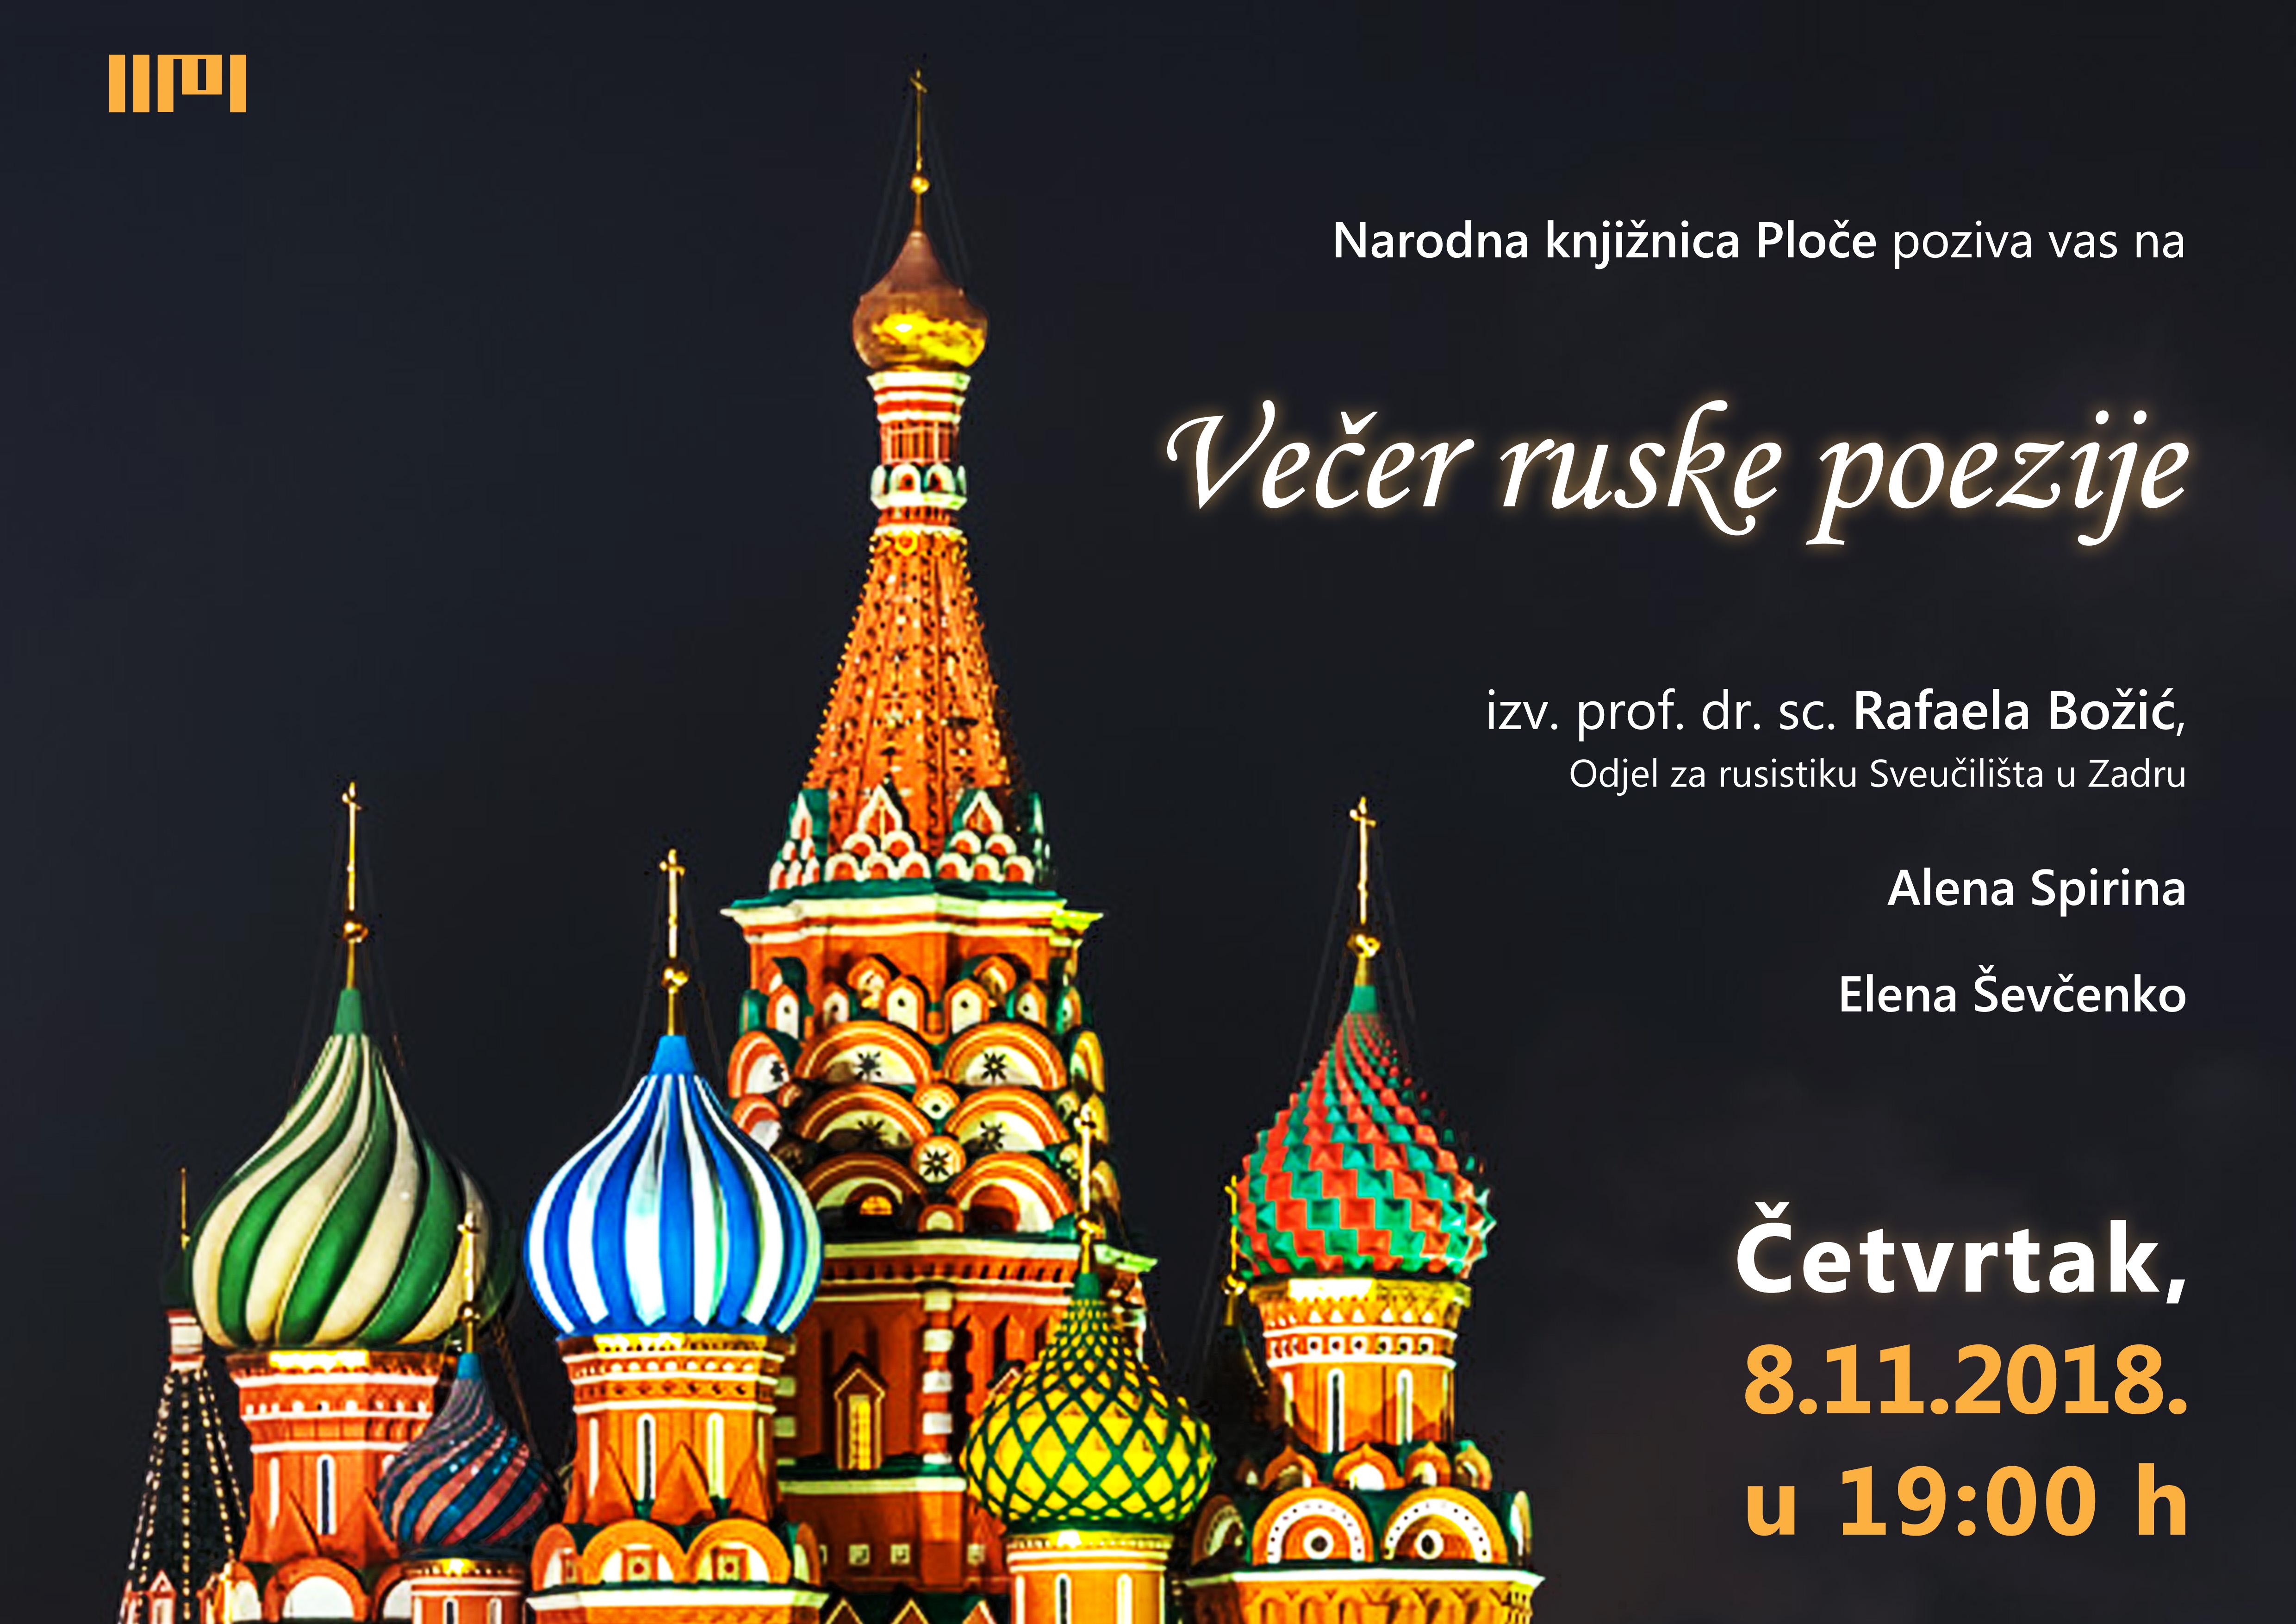 smiješno ruski slike stranica za upoznavanje upoznavanje kuhinje ontario